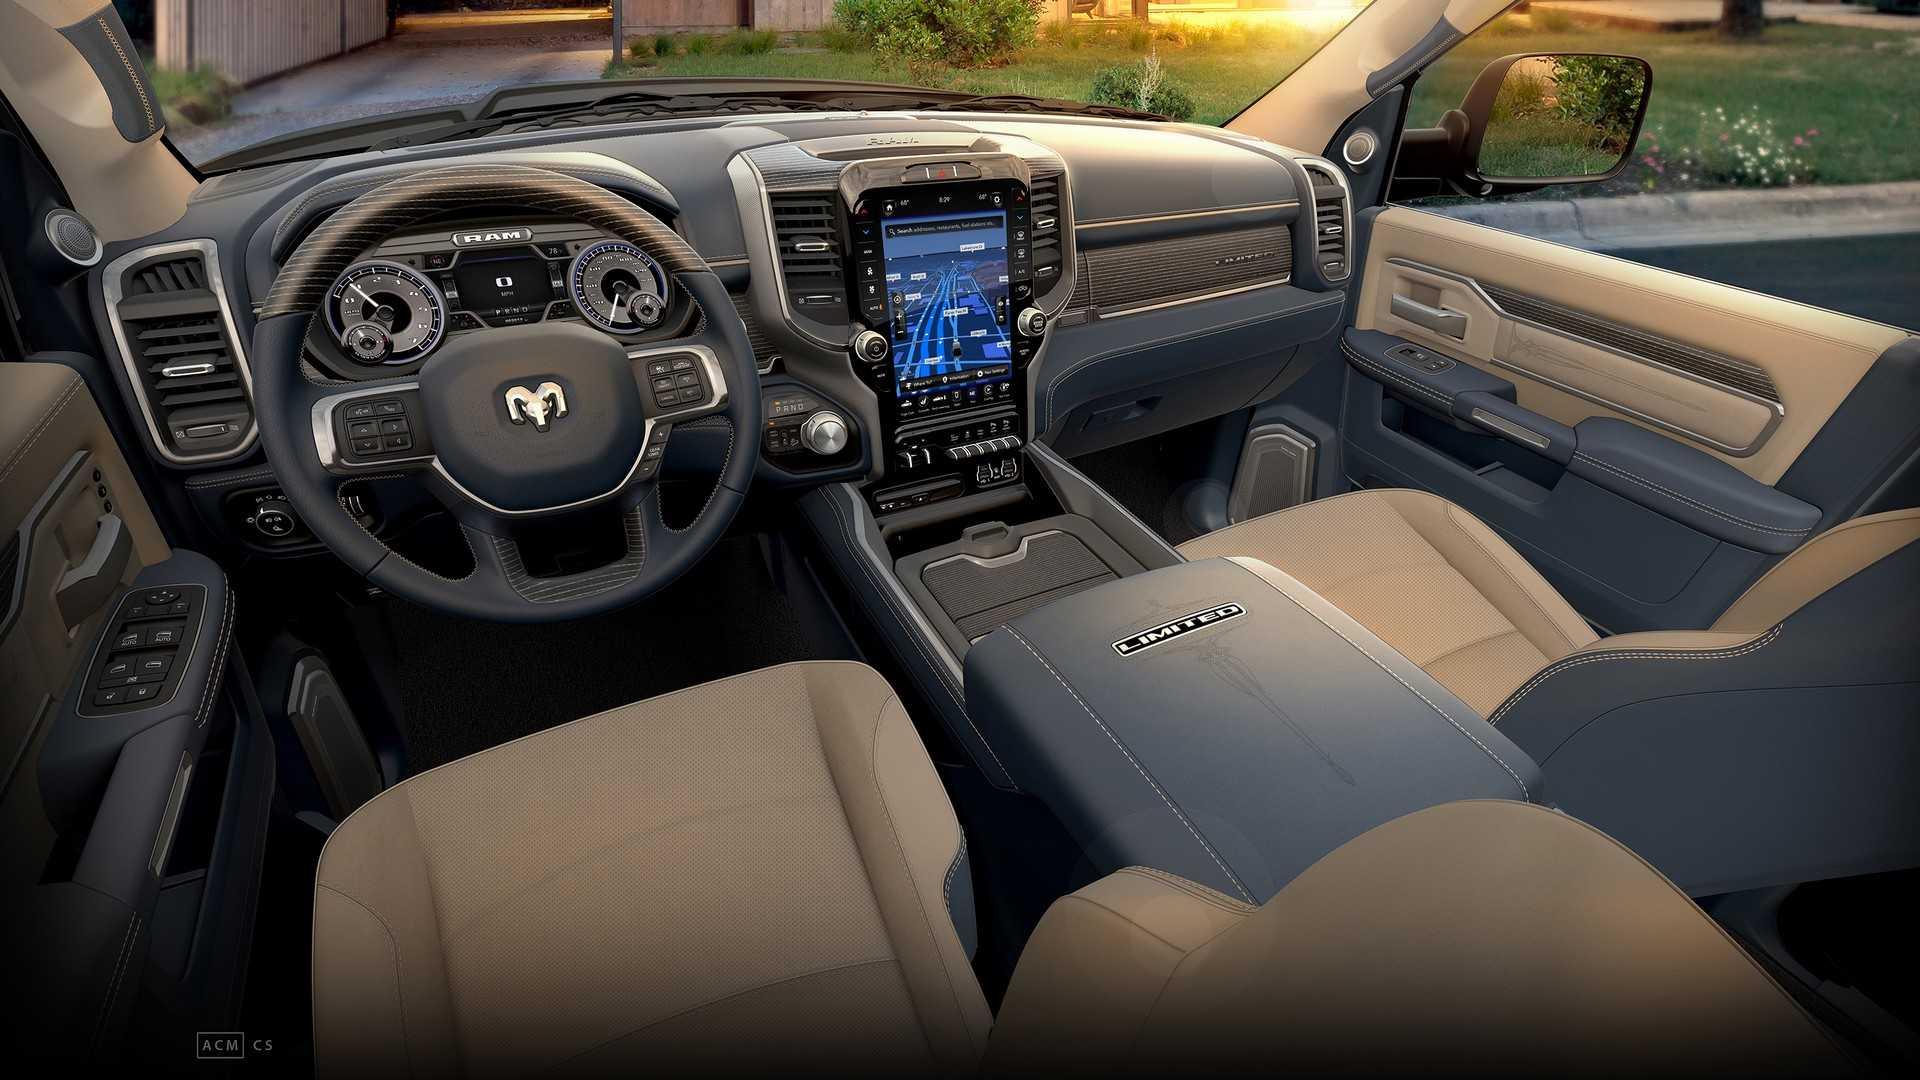 2019-ram-heavy-duty-interior (6)